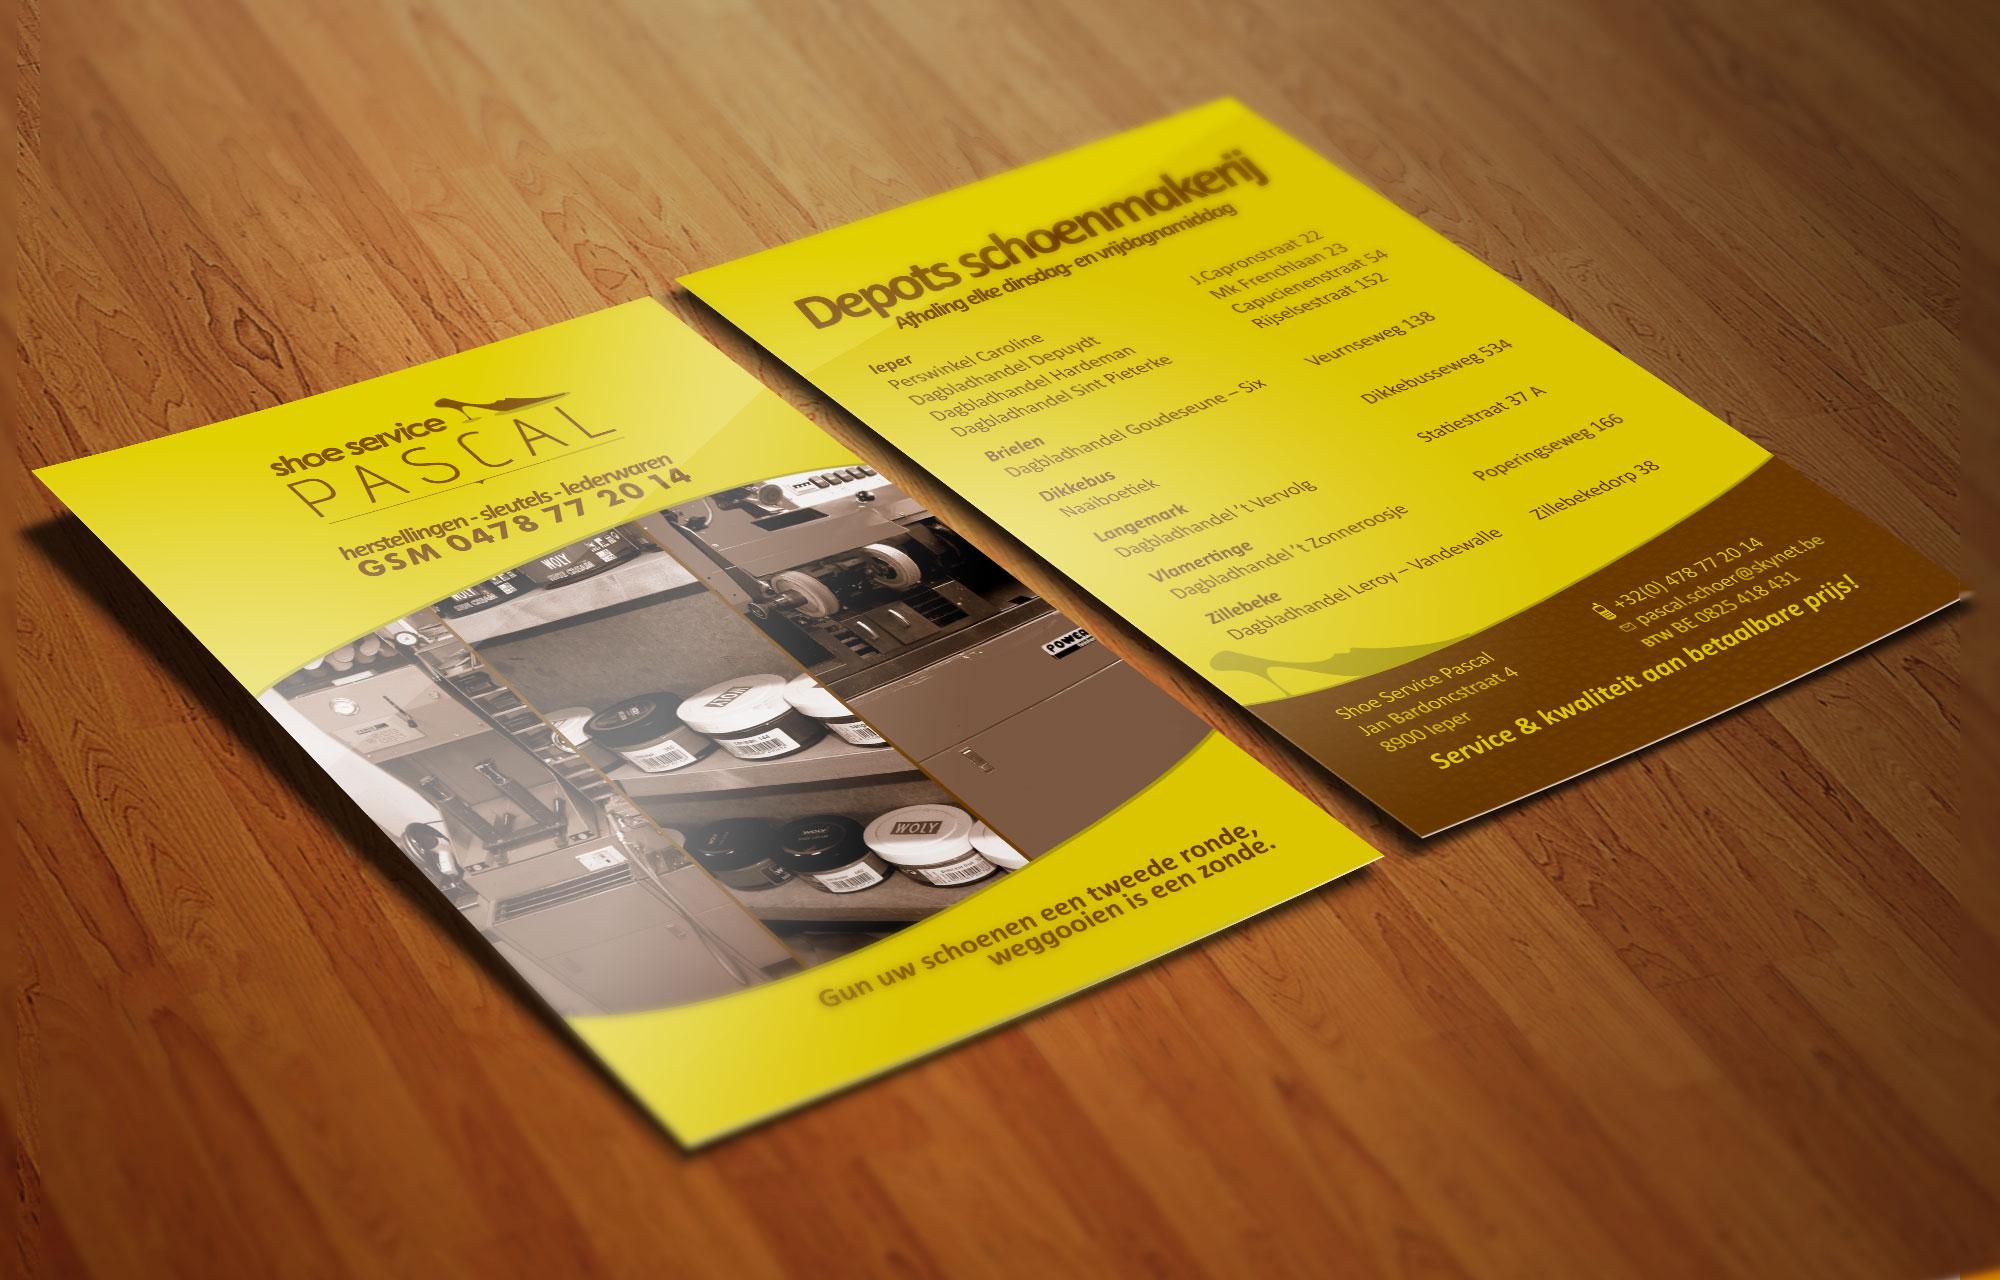 shoeservicepascal-flyer